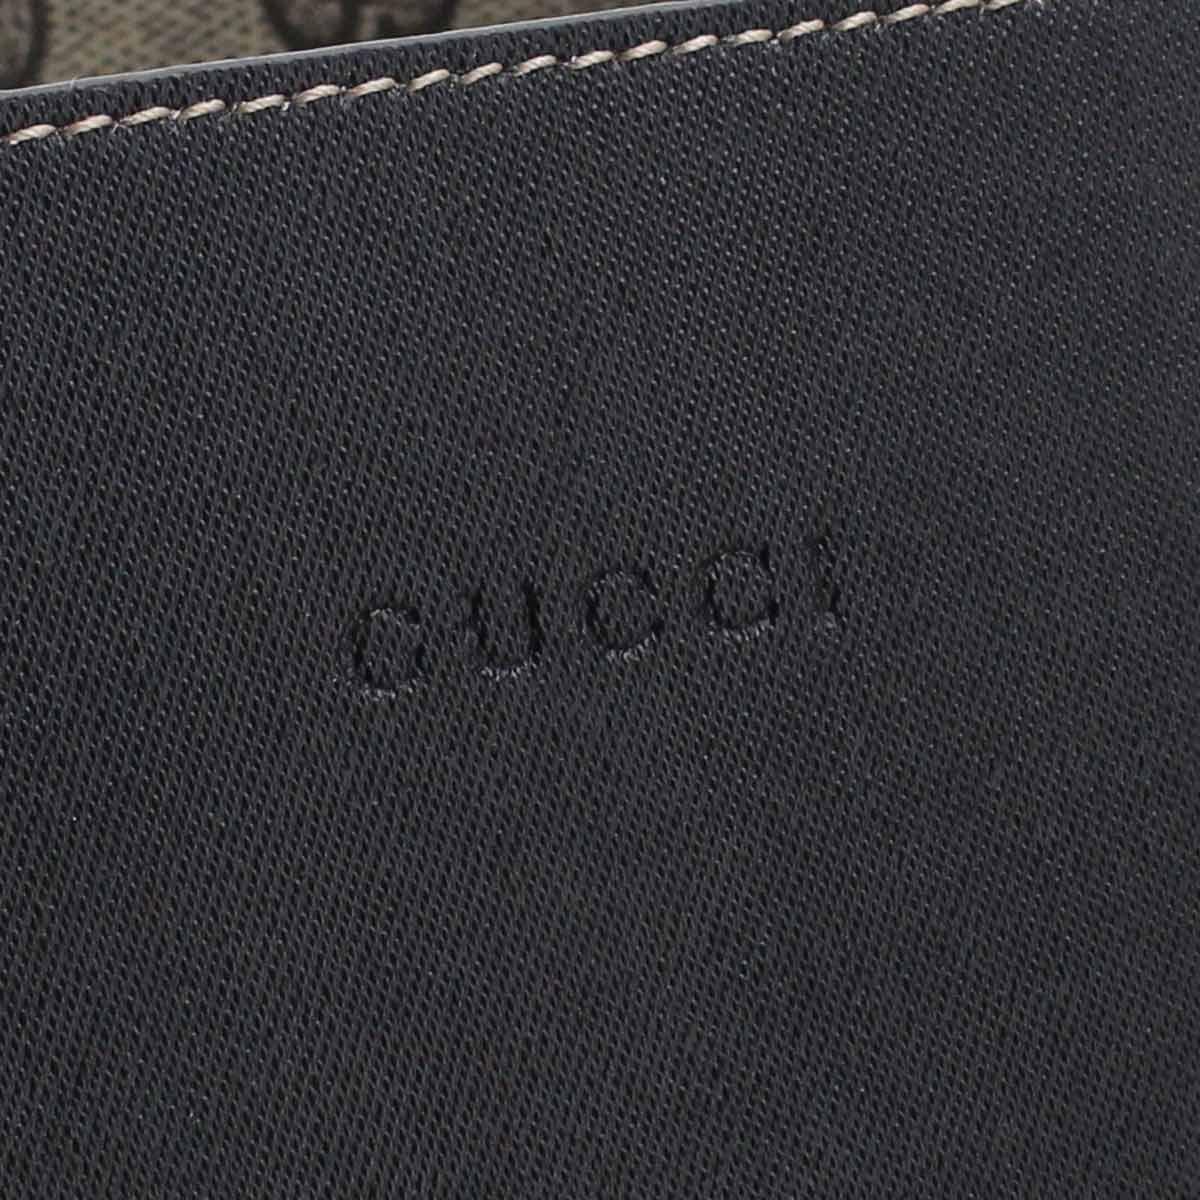 0dea0adea Bighit The total brand wholesale: Gucci GUCCI reversible tote bag ...